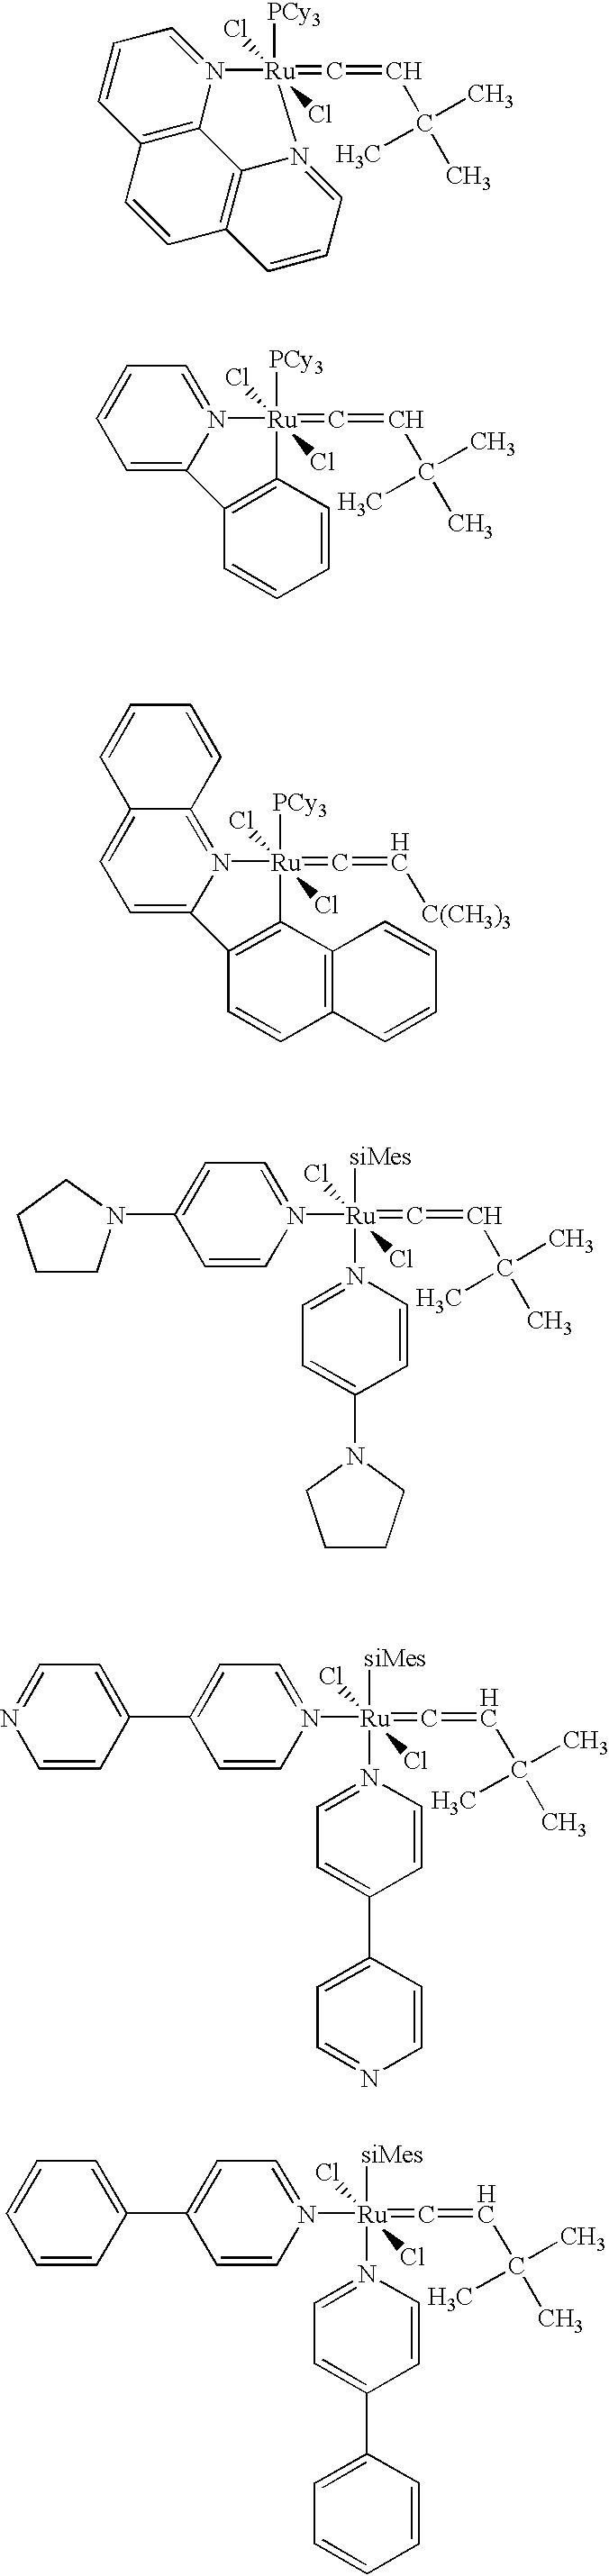 Figure US06818586-20041116-C00056